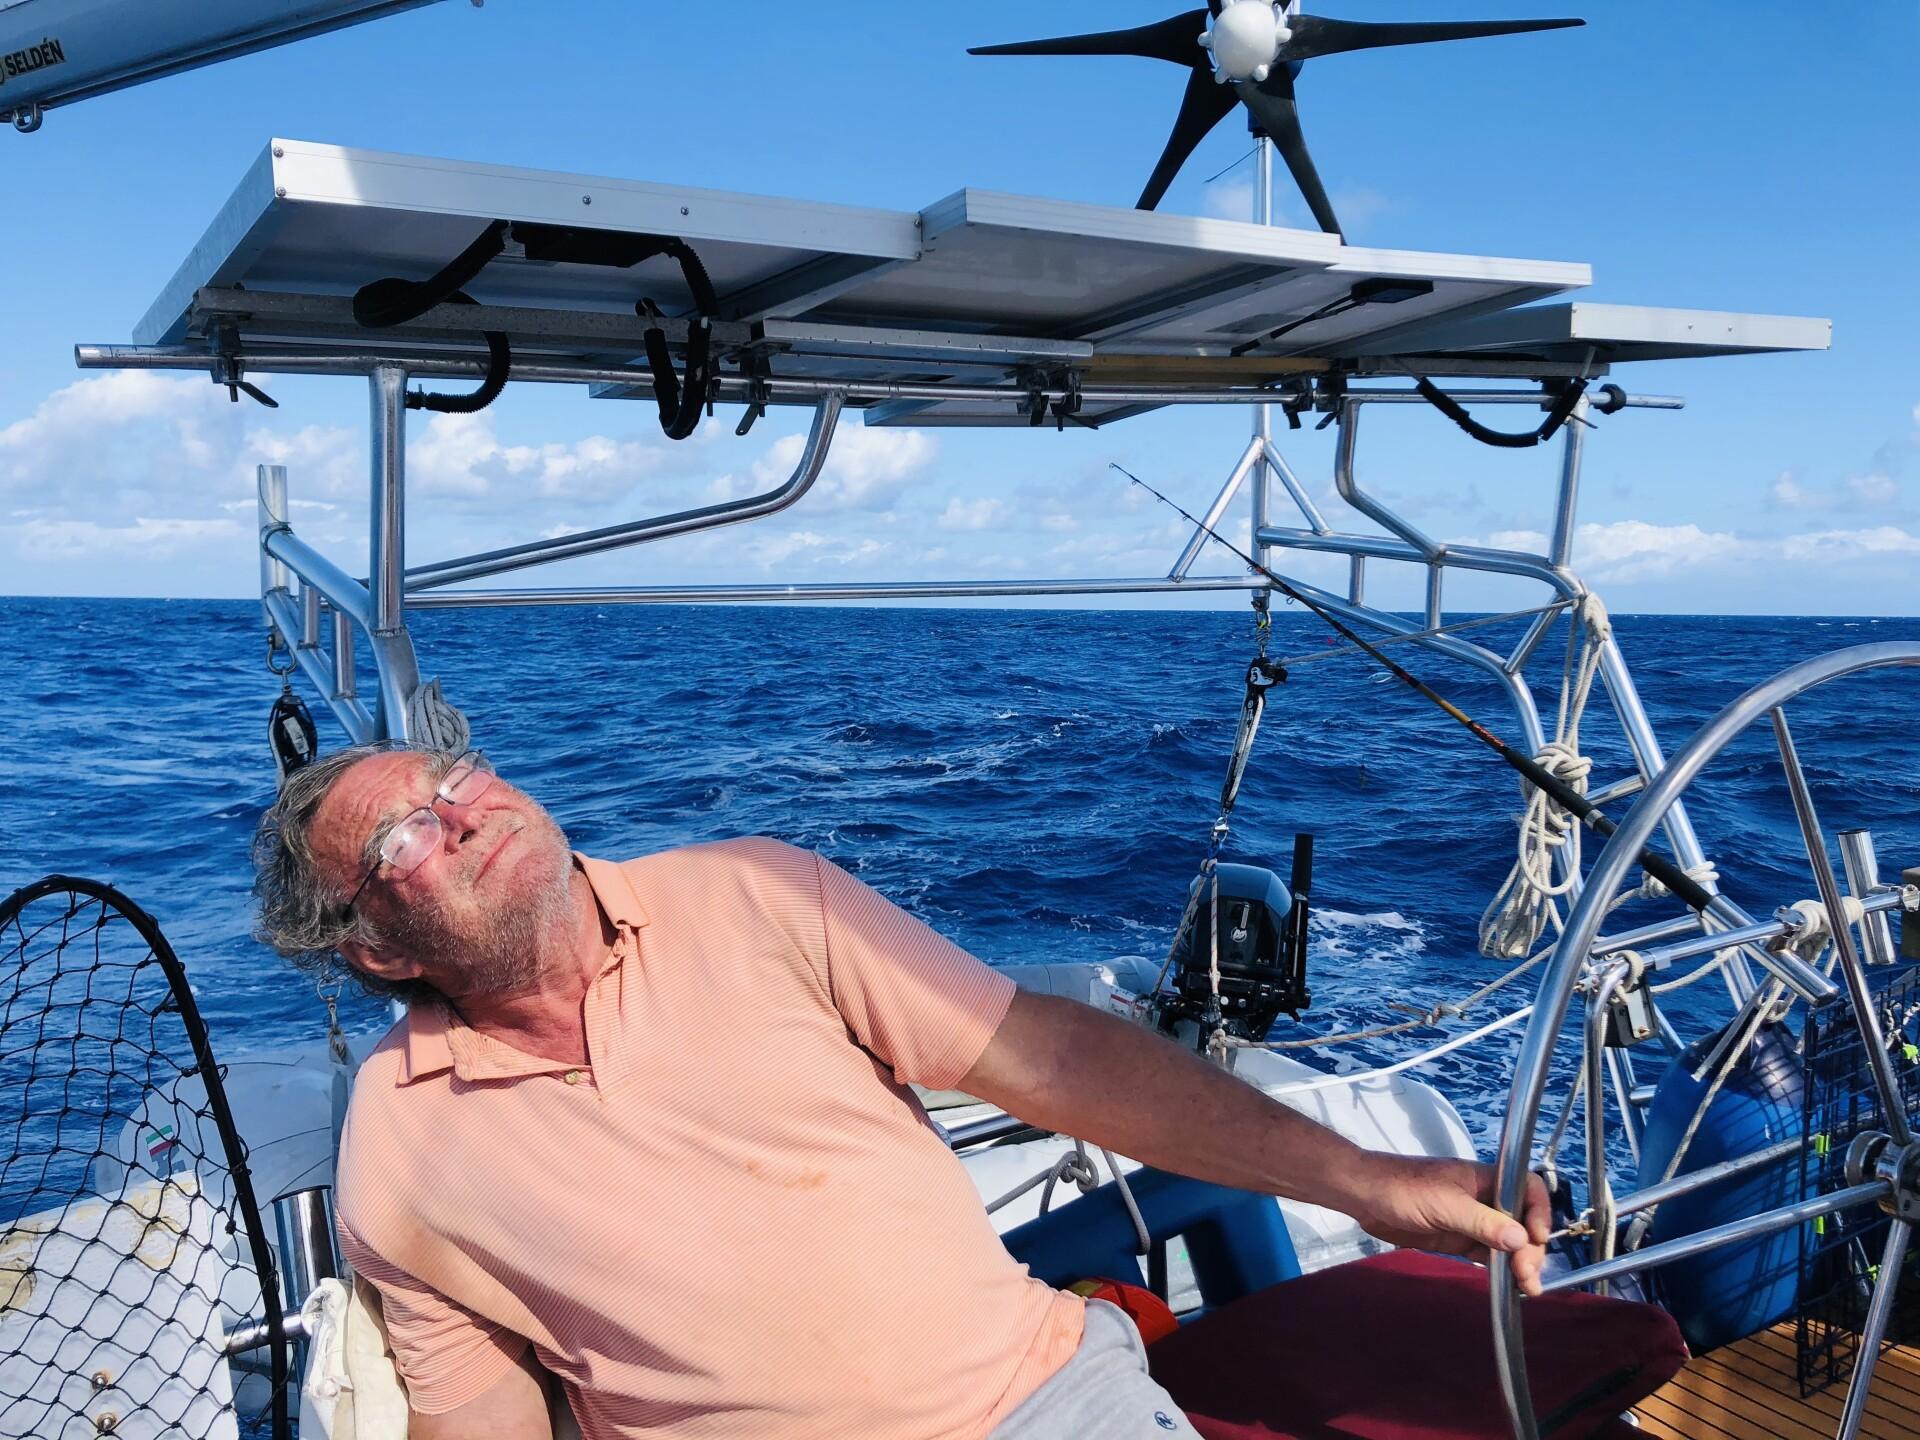 Sven Karrlson soaks up sun on sailboat